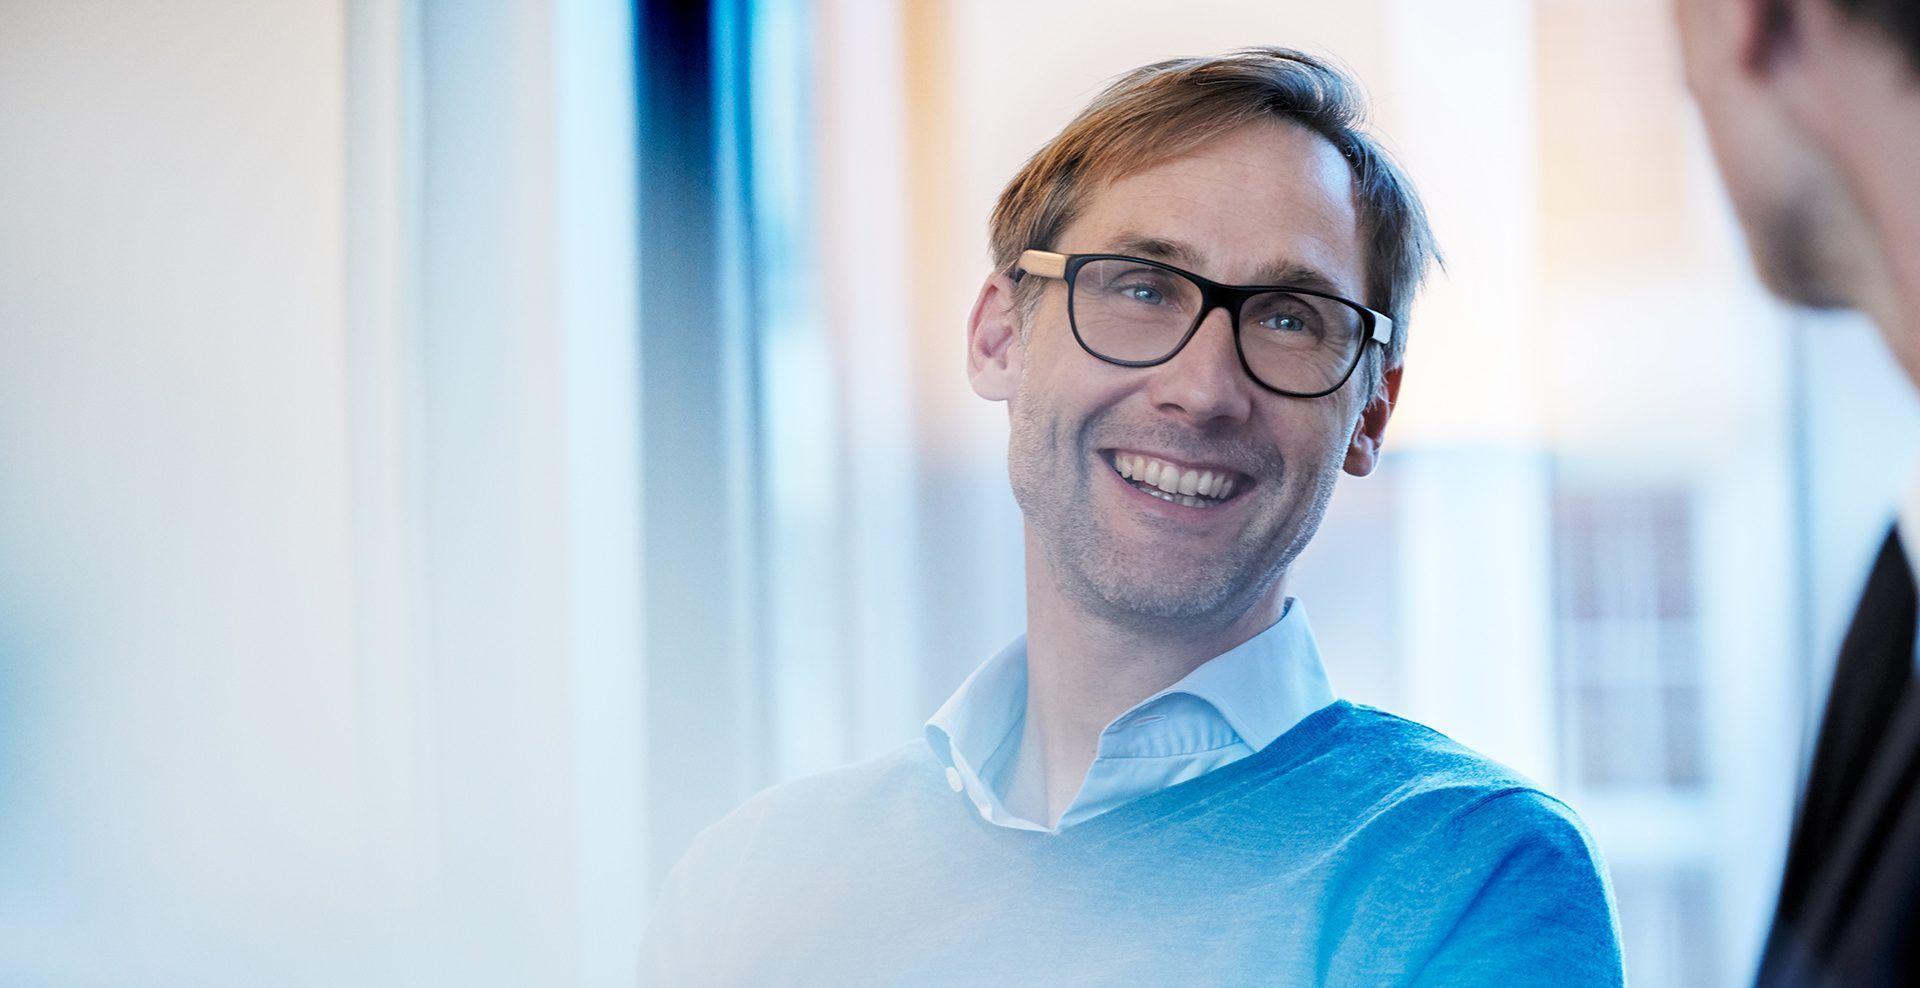 Frank Jordan - Rechtsanwalt in Berlin bei Schwenke Schütz